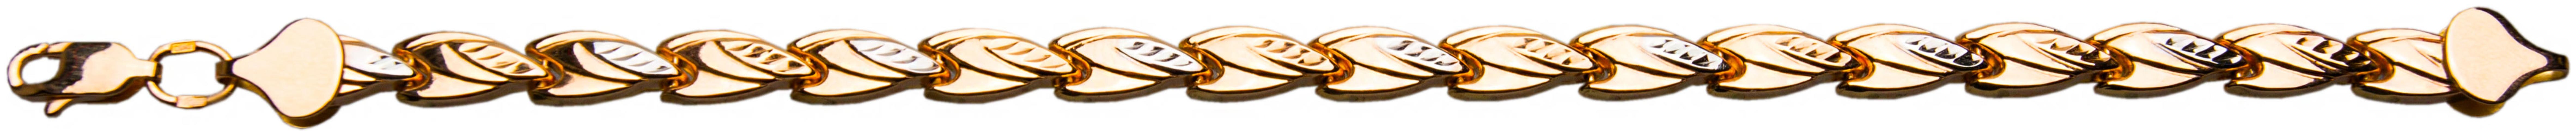 картинка цепь из золота 585° ТАБ-32-700